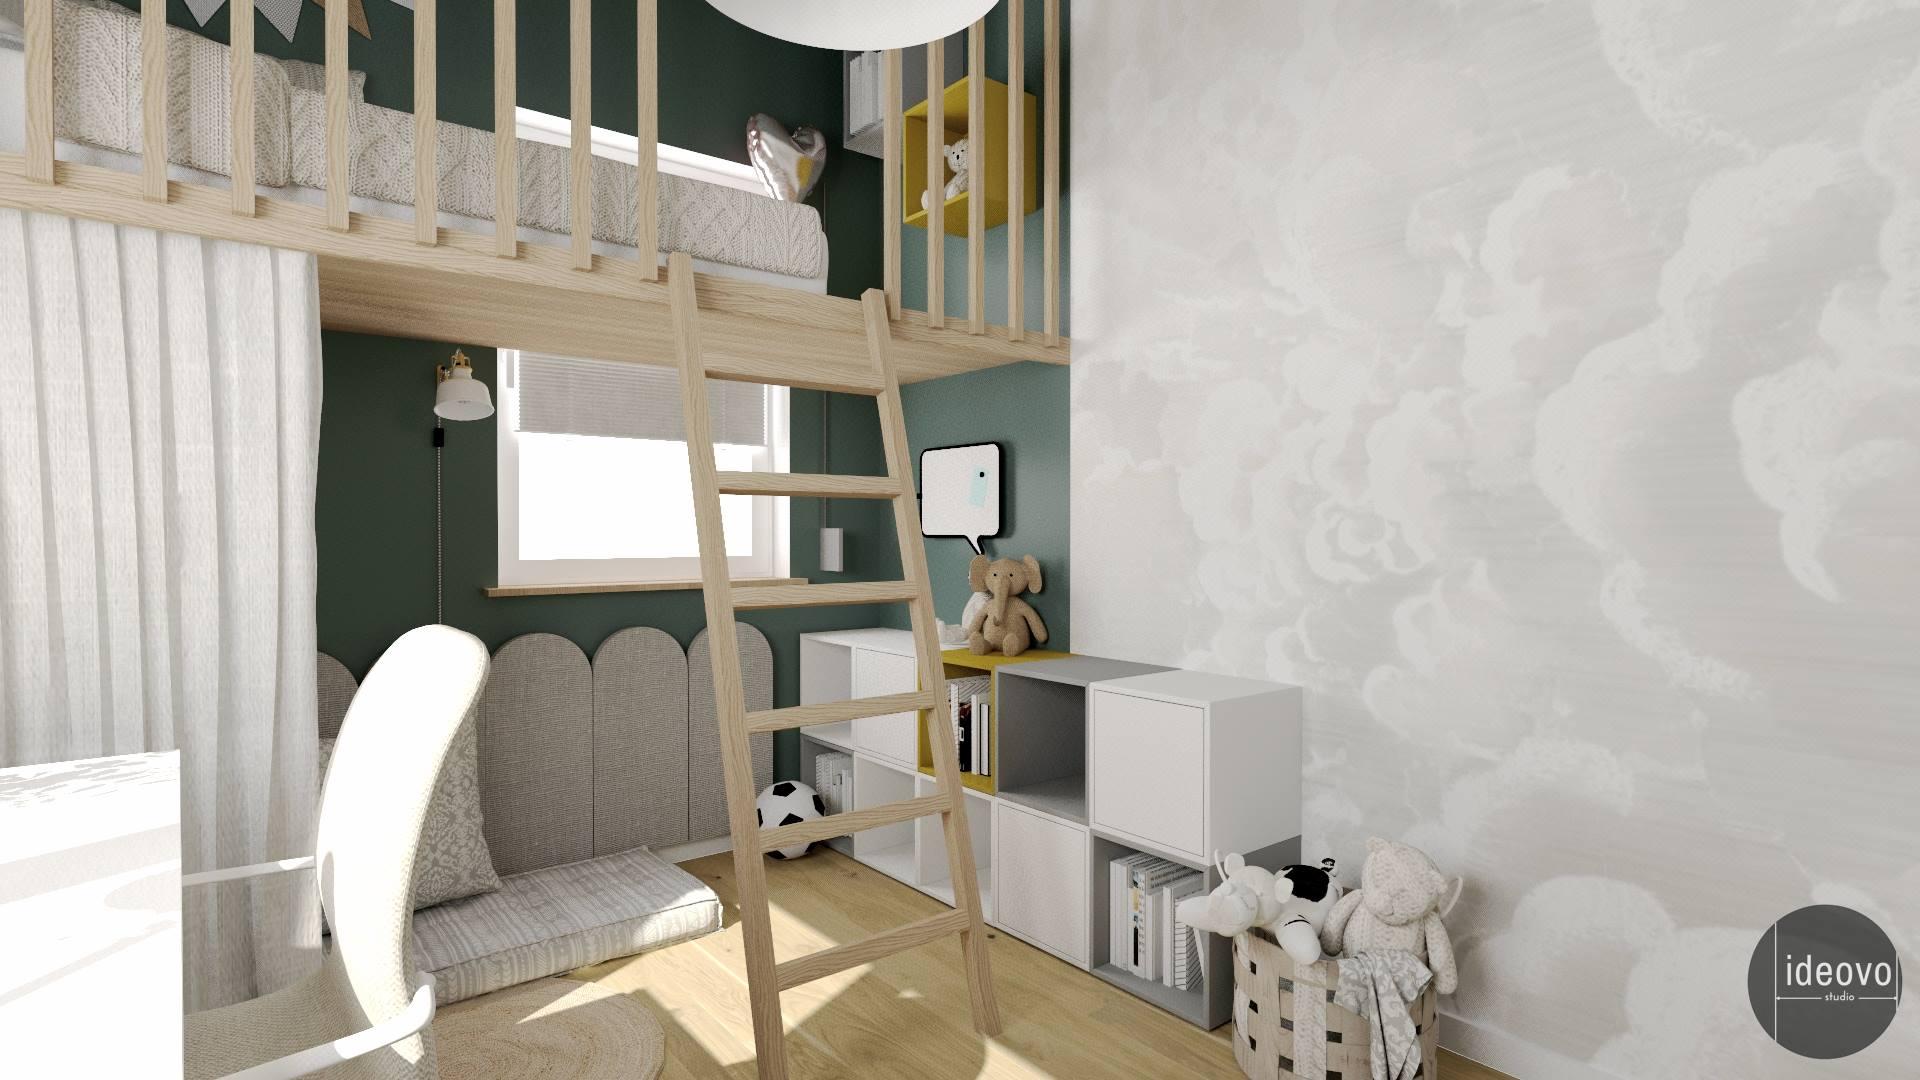 Pokój młodzieżowy z łóżkiem na antresoli